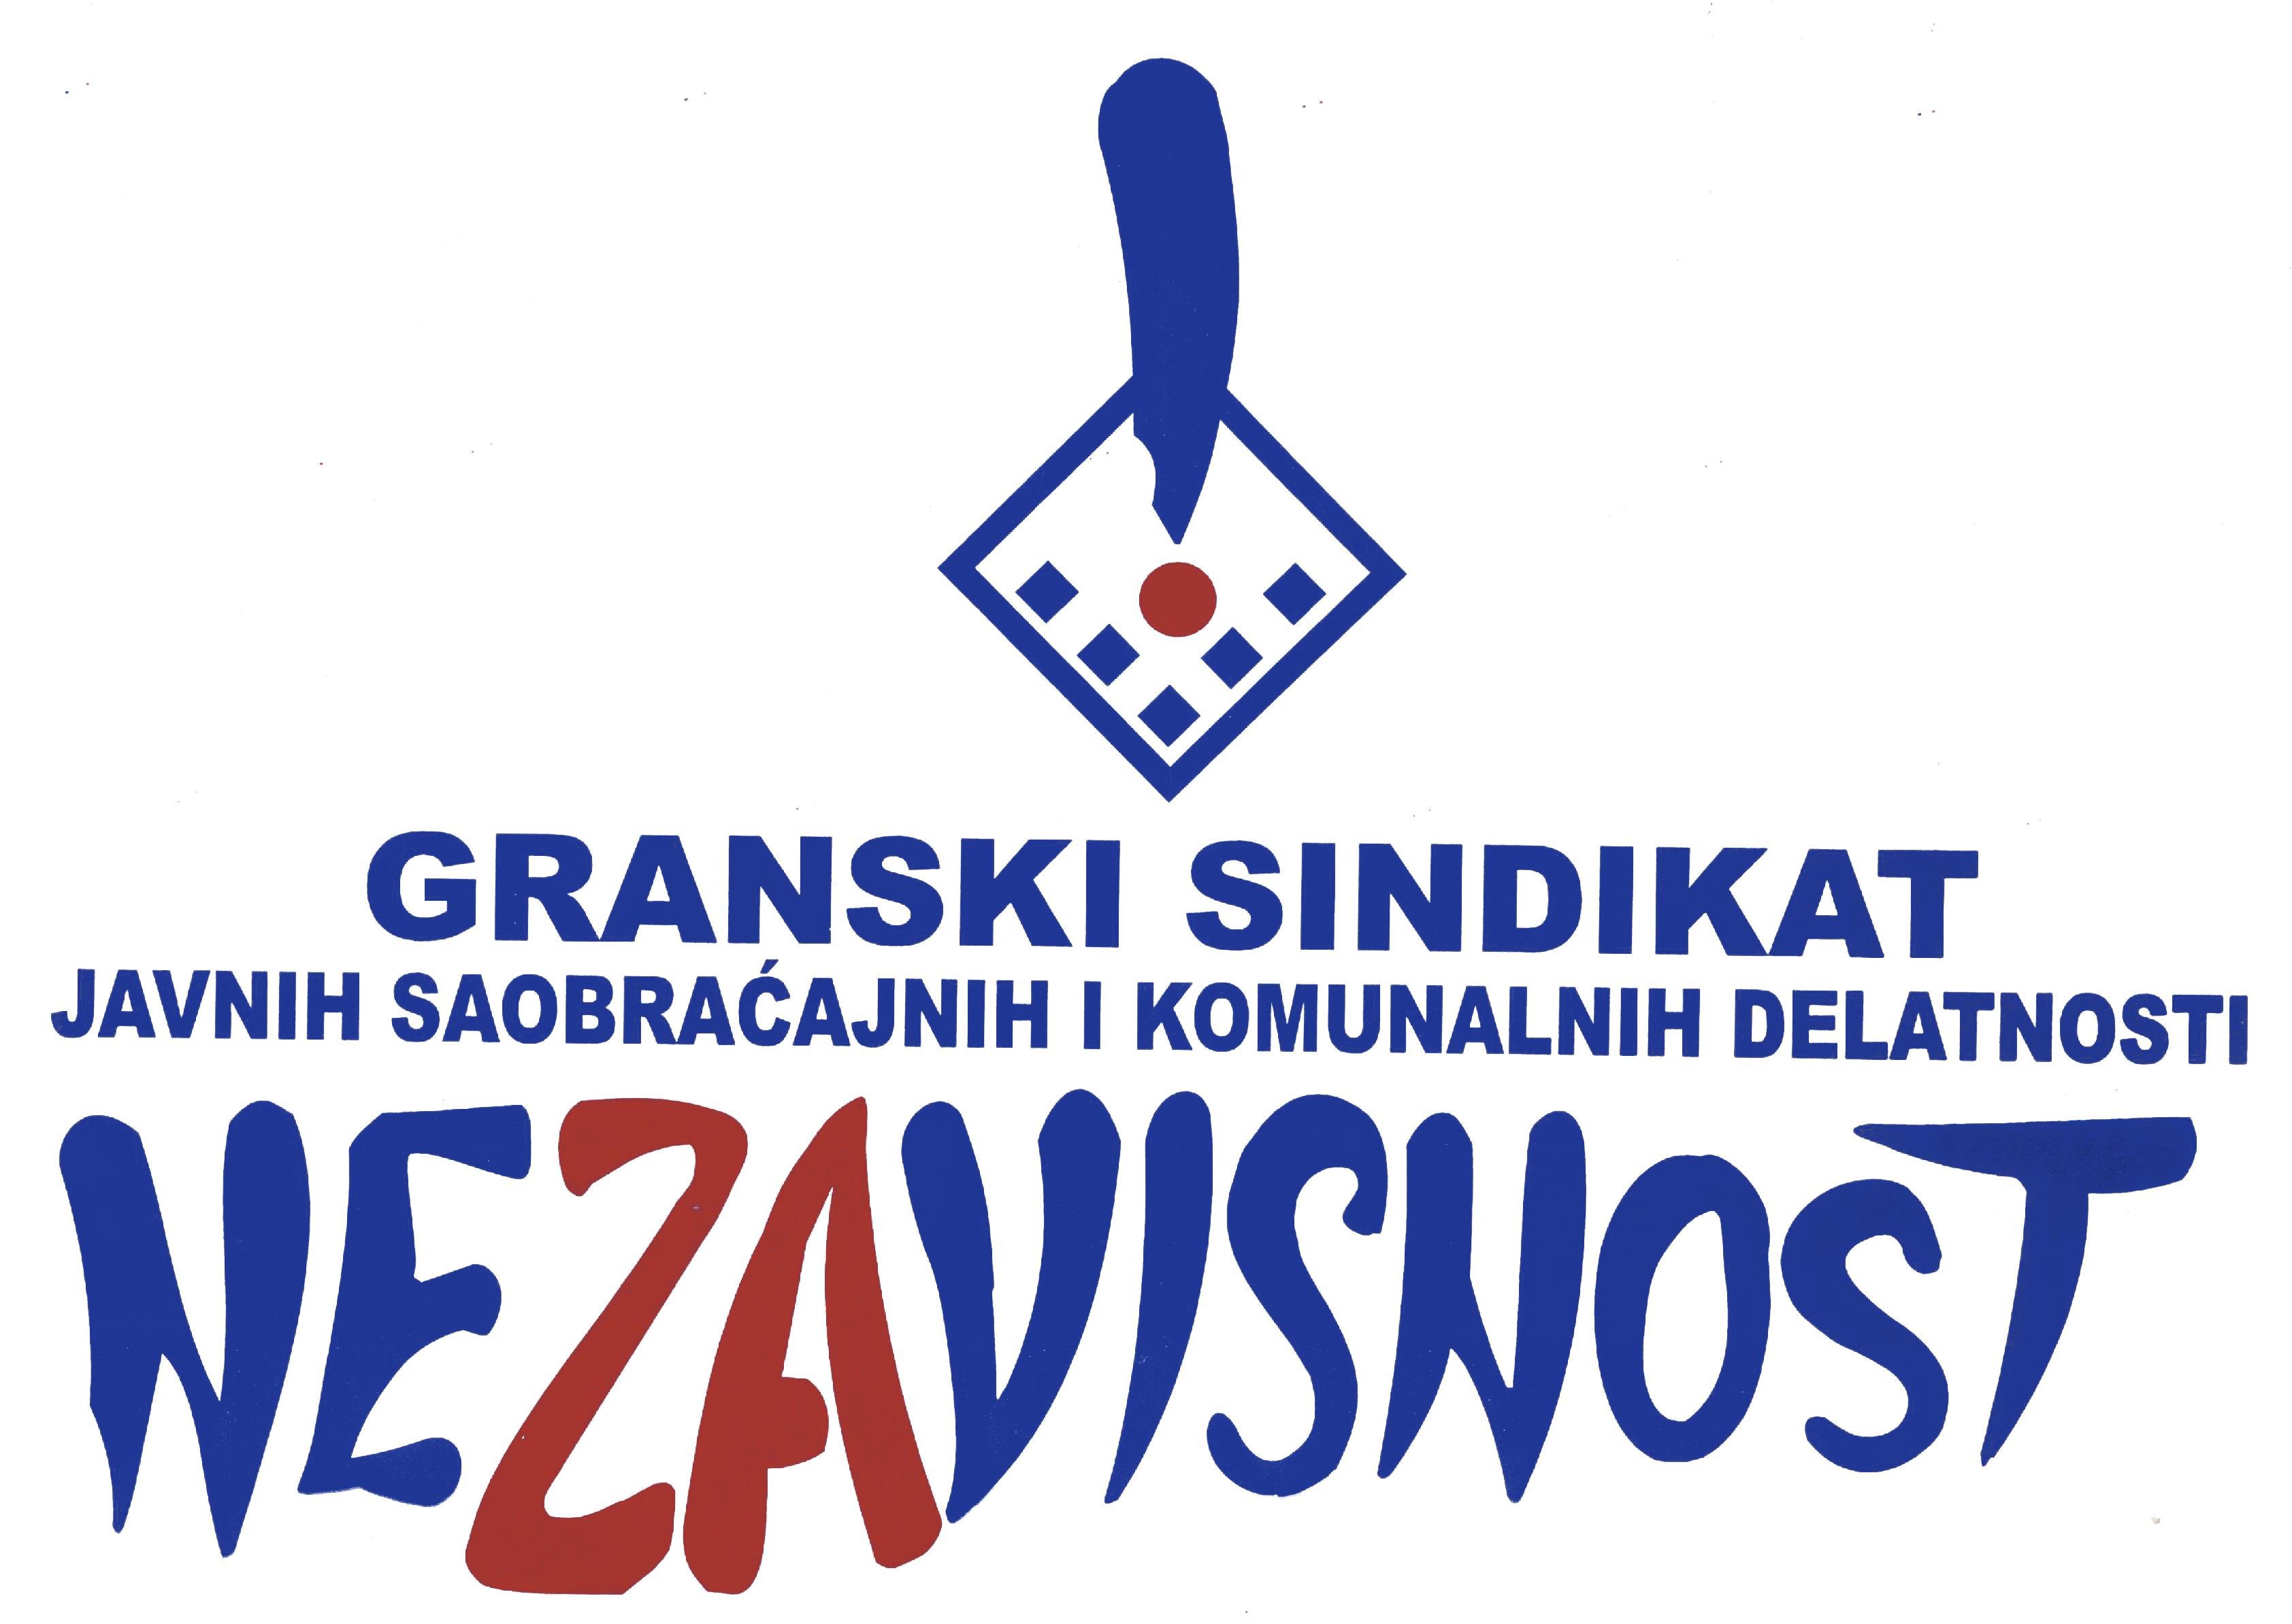 Održana koordinacija GS JSKD NEZAVISNOST za grad Beograd